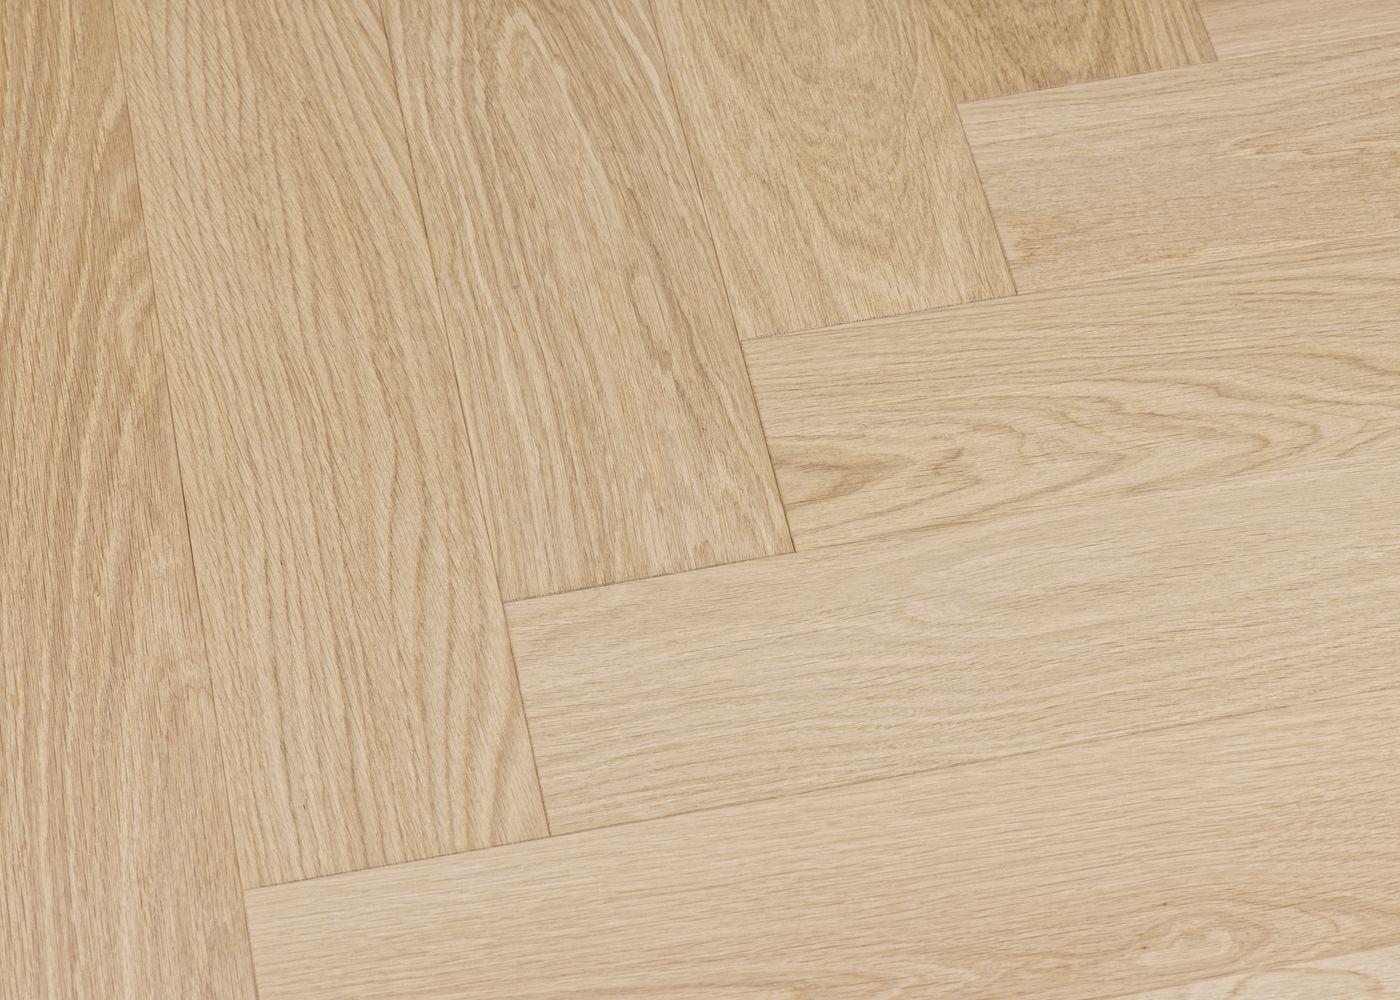 Parquet chêne contrecollé TURIN Bâton Rompu brossé vernis mat Select support HDF 10x92x610